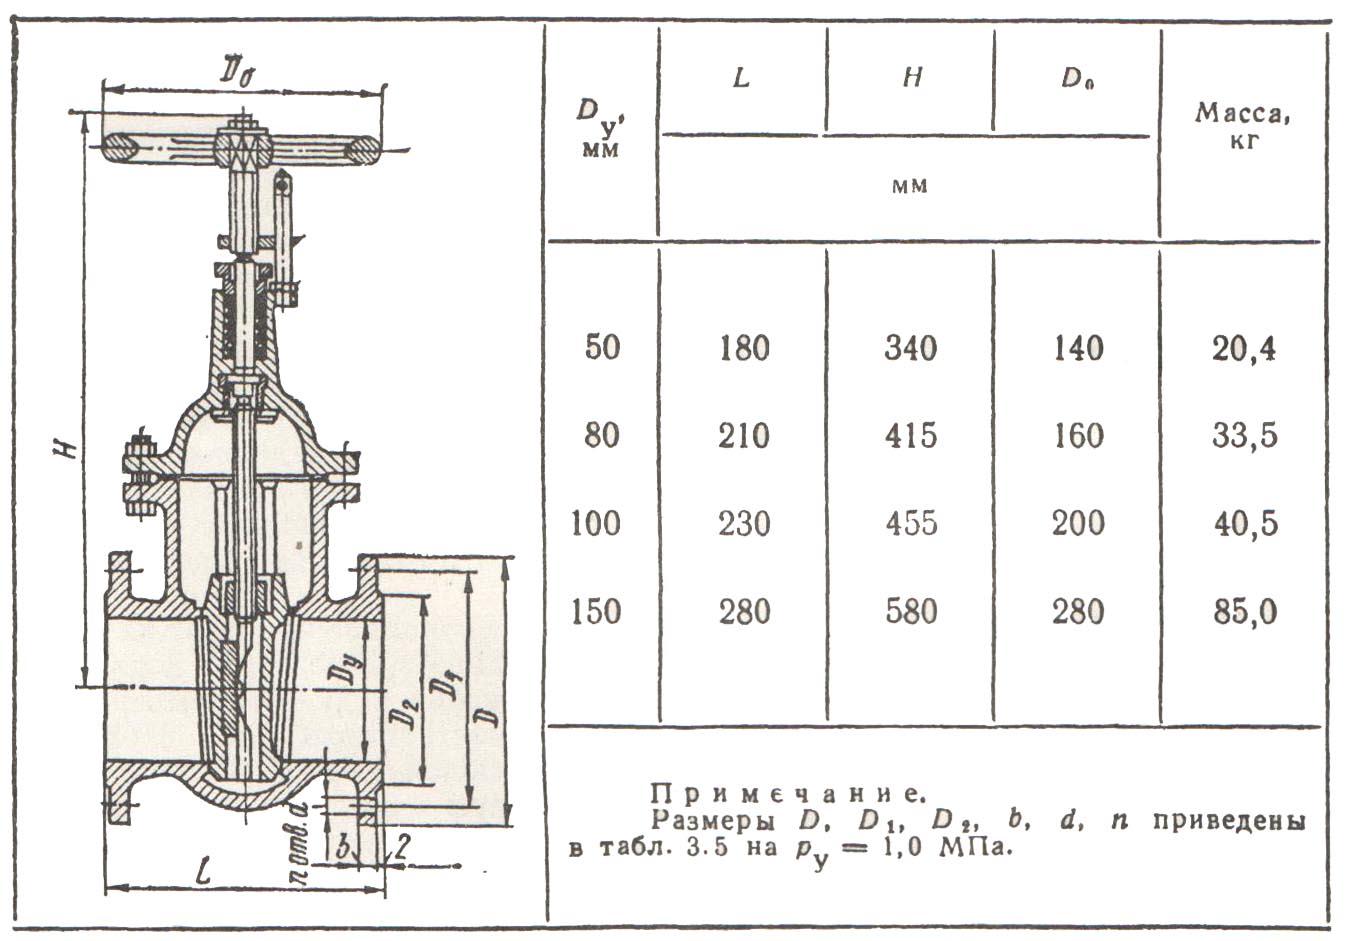 Строительная длина и габаритные размеры задвижки 30с941нж сертификат соответствия на задвижки (газпром)